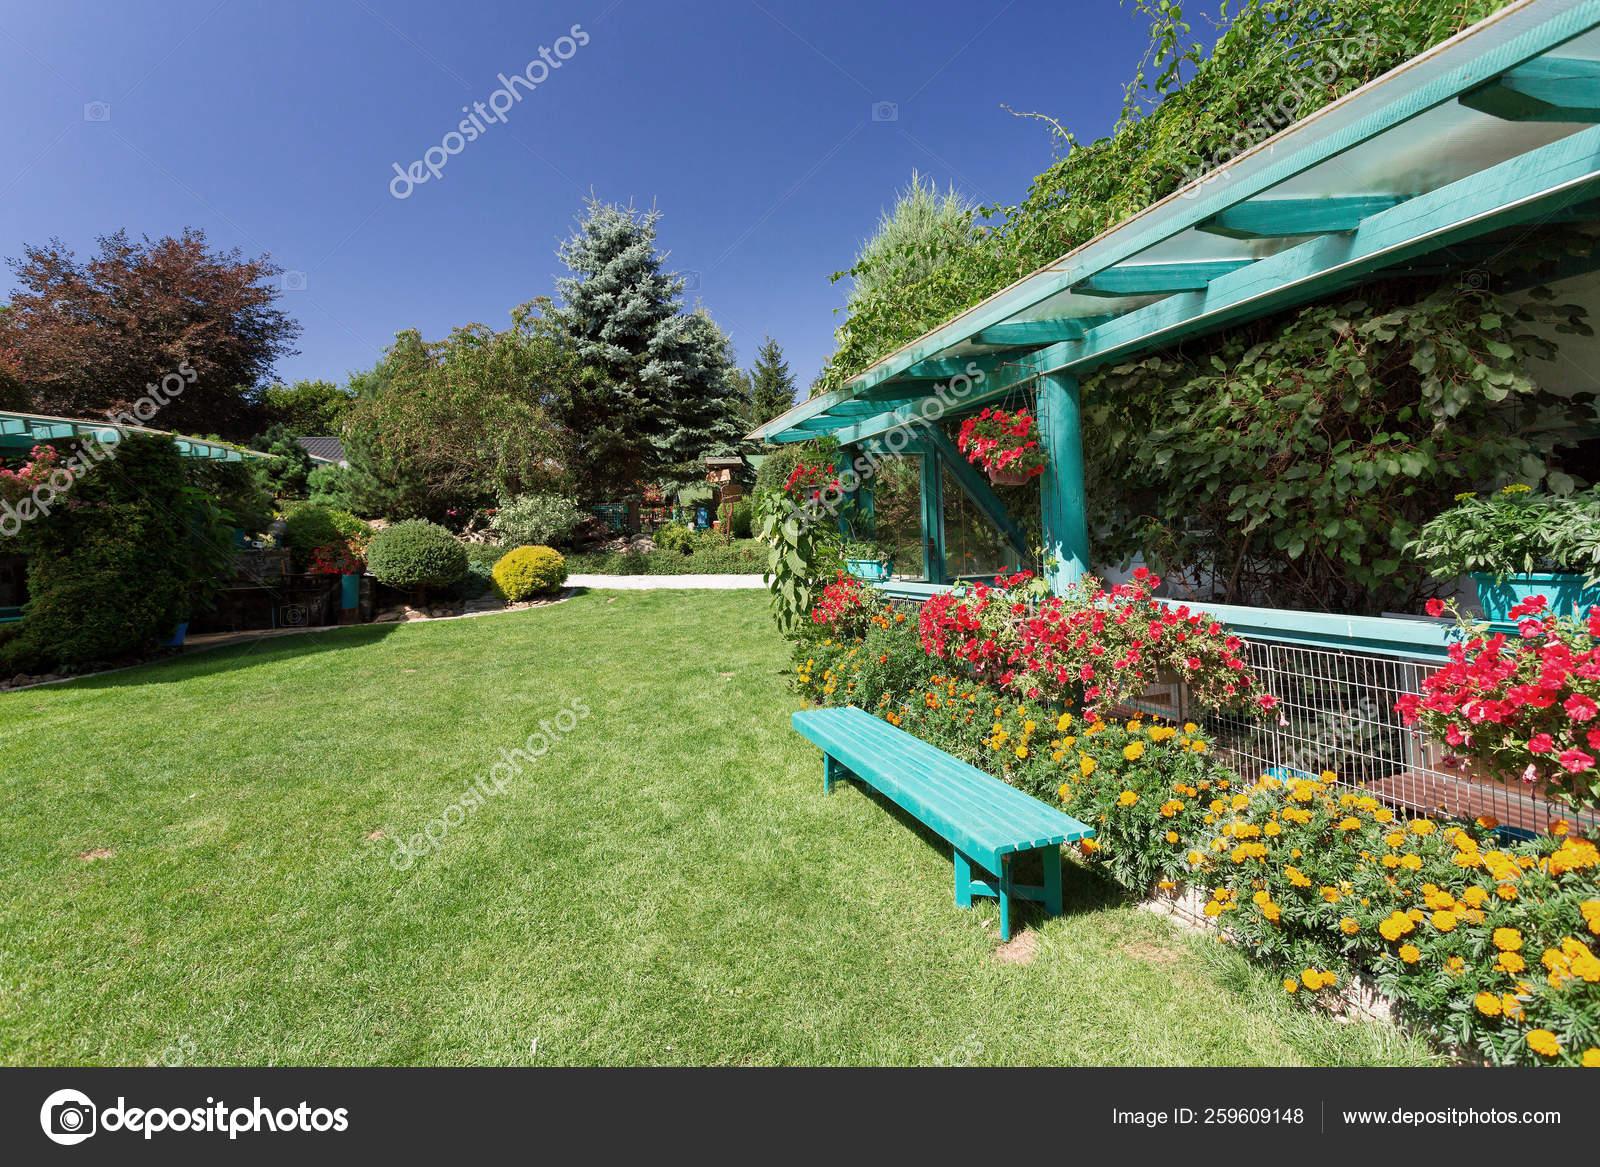 Beautiful Summer Garden Design Conifer Trees Green Grass Morning